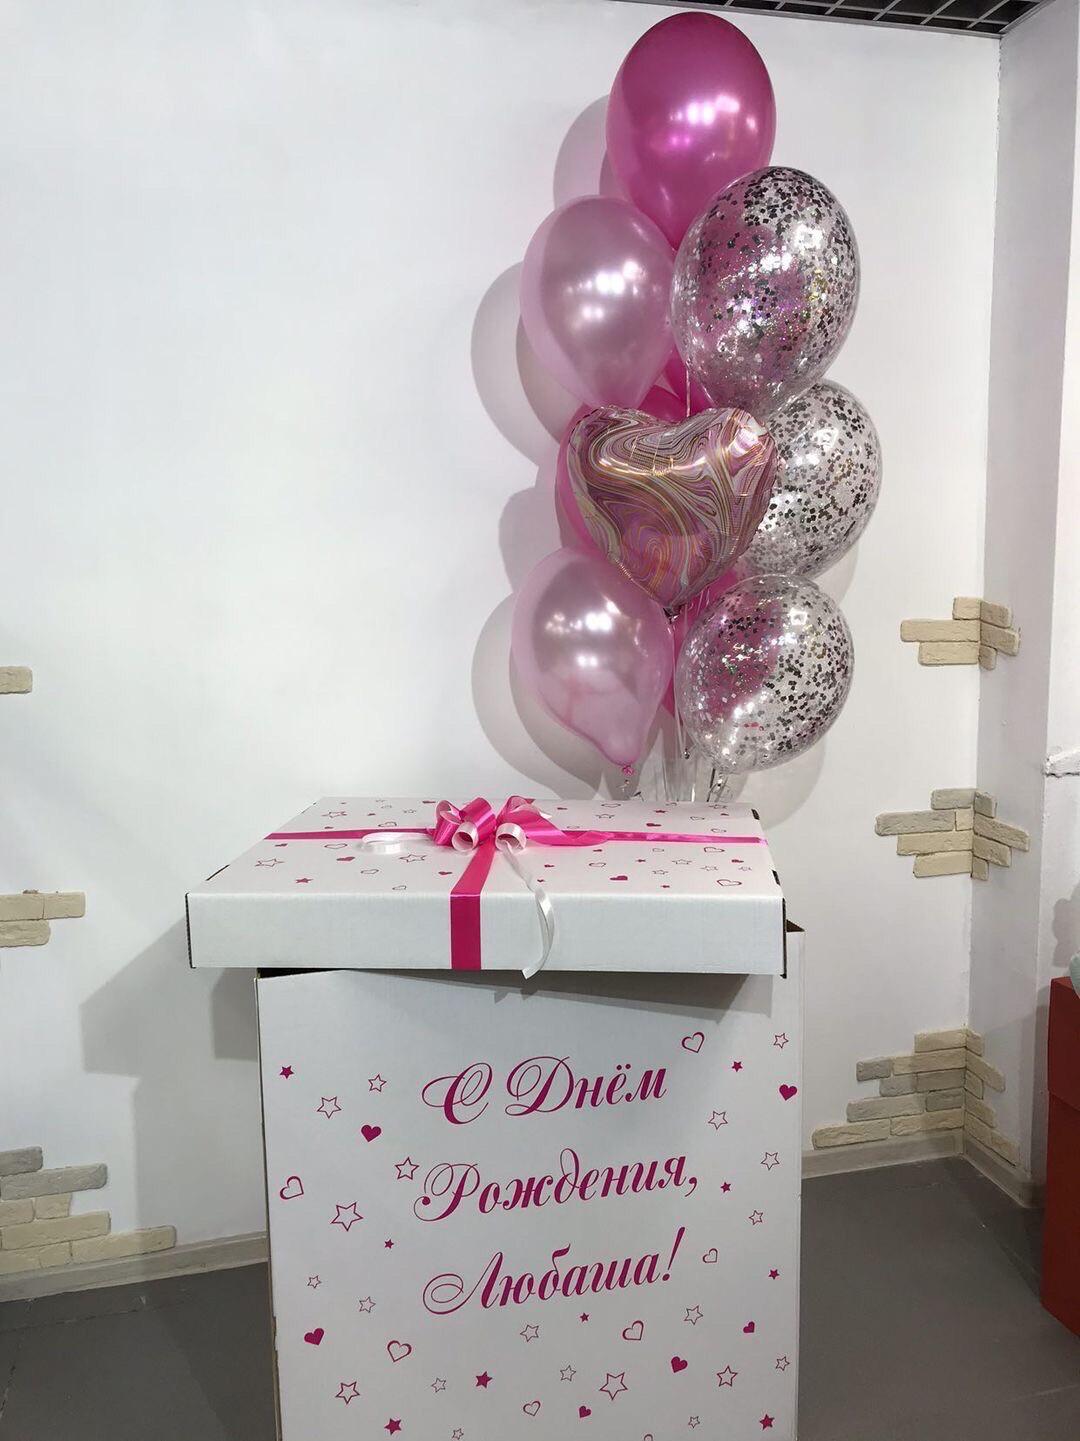 Композиция из воздушных шаров на день рождения оформленные в коробку с индивидуальными надписями.